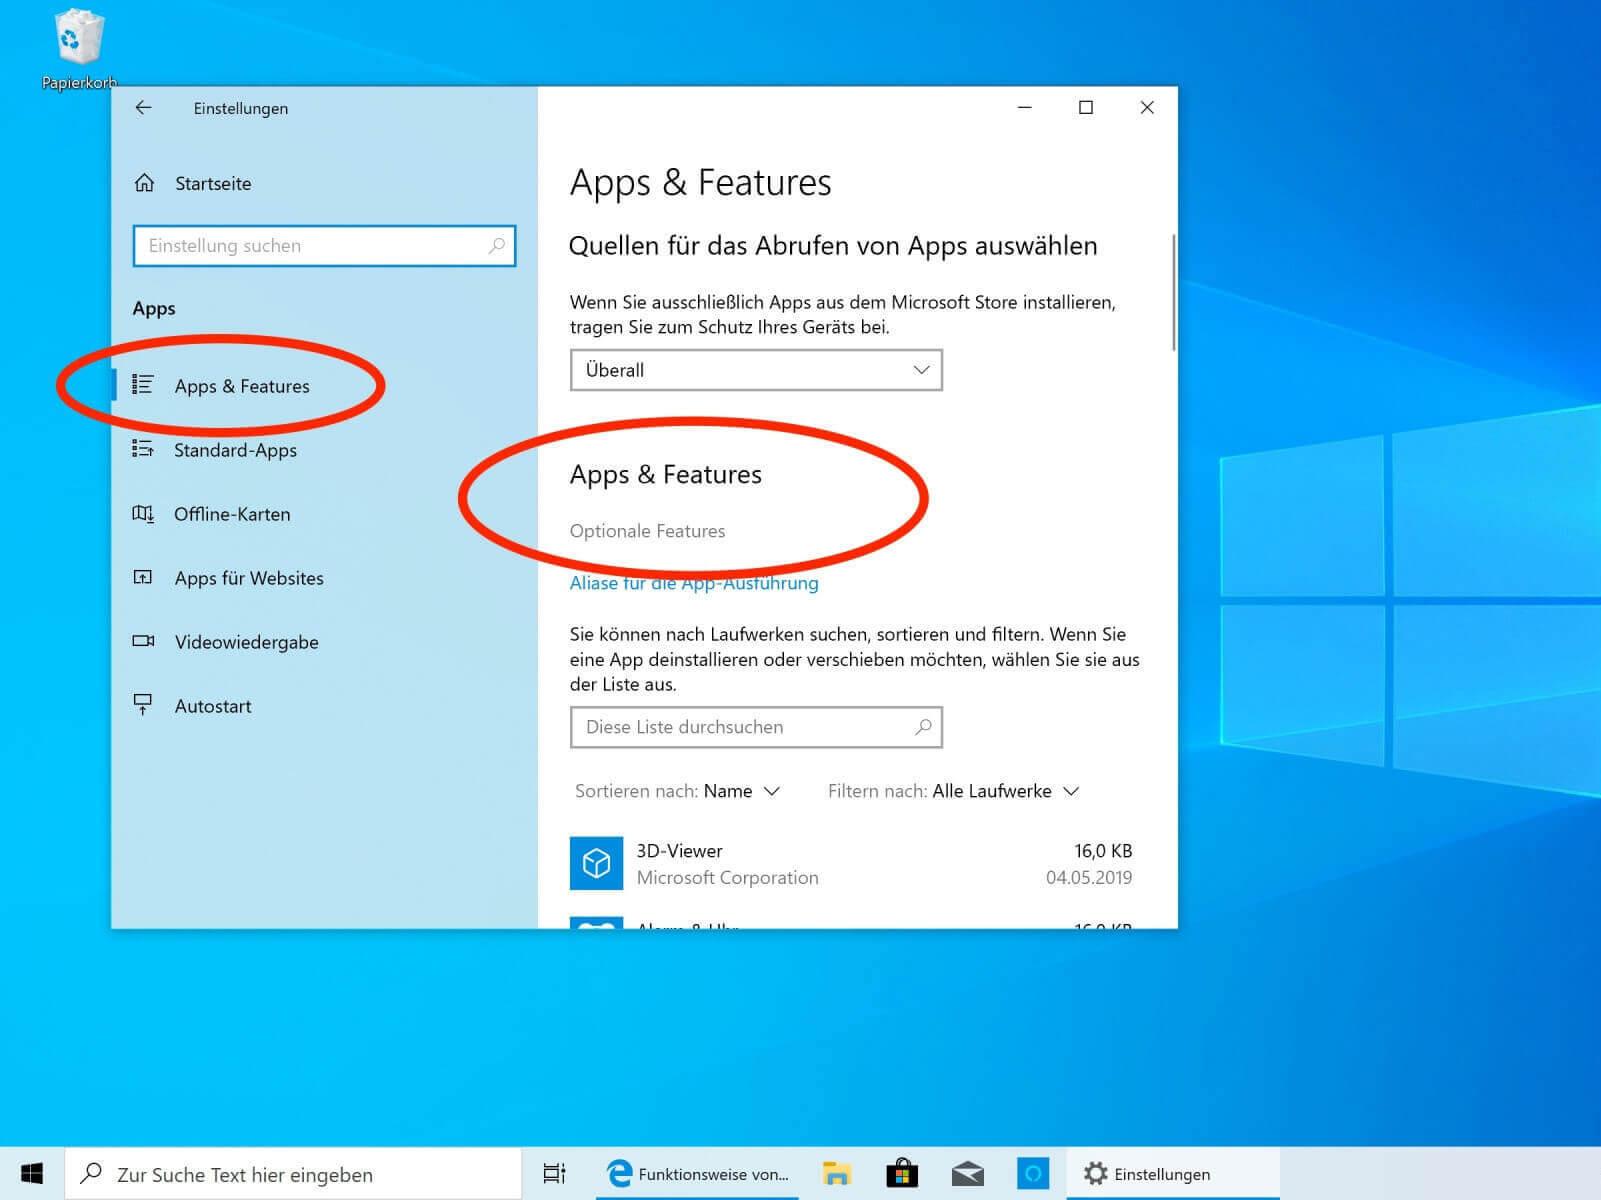 Windows 10: Alle Neuheiten des Mai 2019 Update (1903) im Überblick